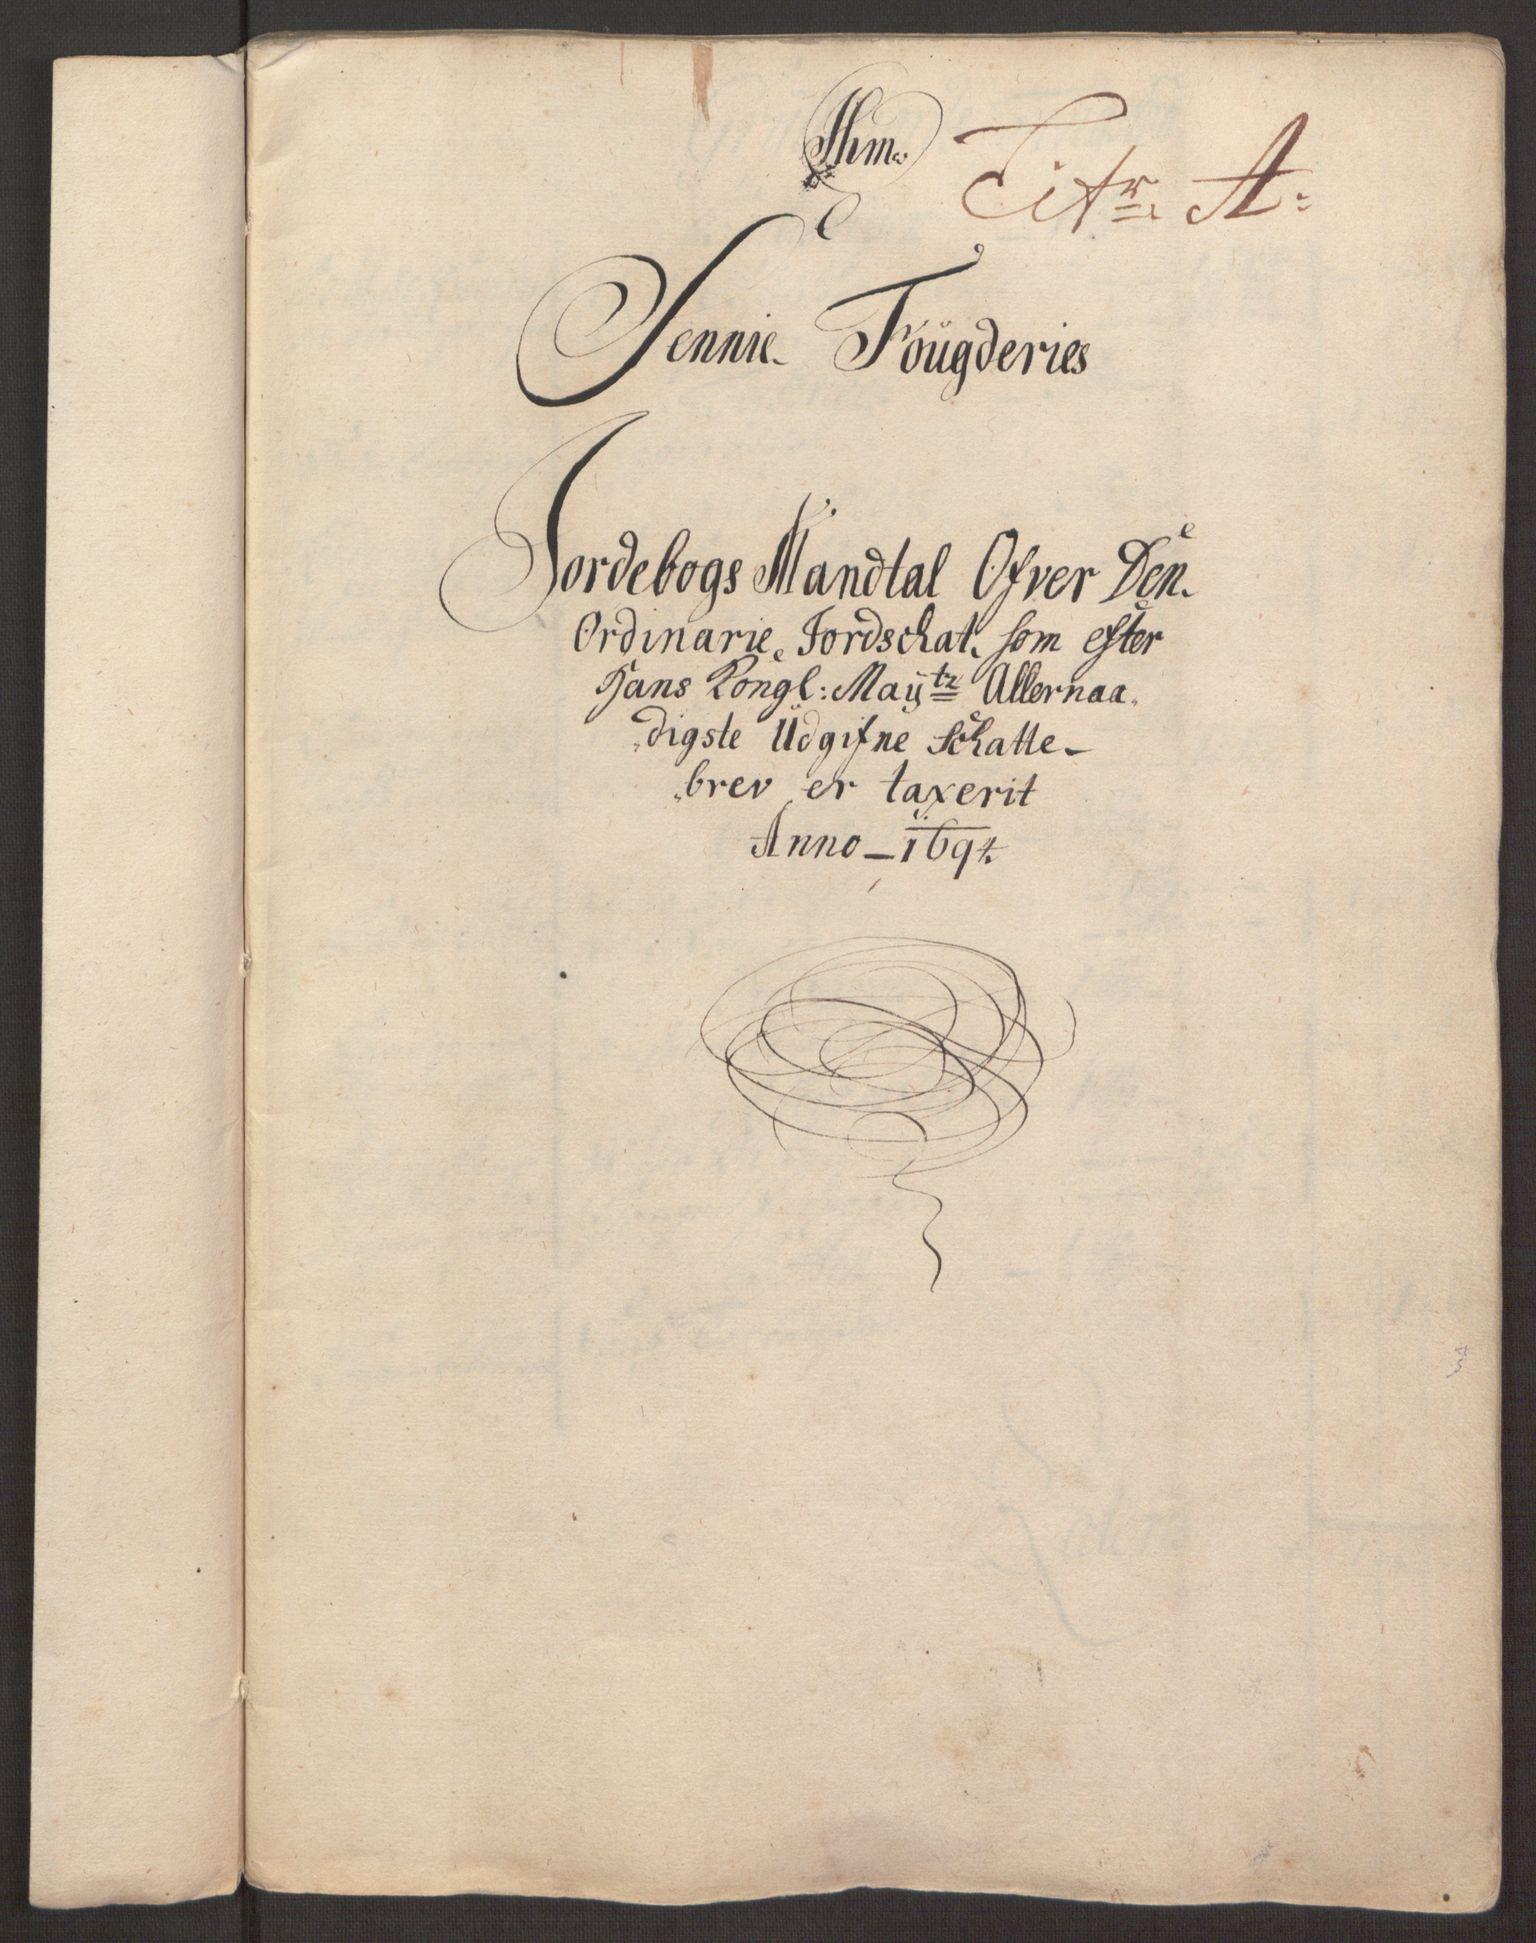 RA, Rentekammeret inntil 1814, Reviderte regnskaper, Fogderegnskap, R68/L4753: Fogderegnskap Senja og Troms, 1694-1696, s. 11